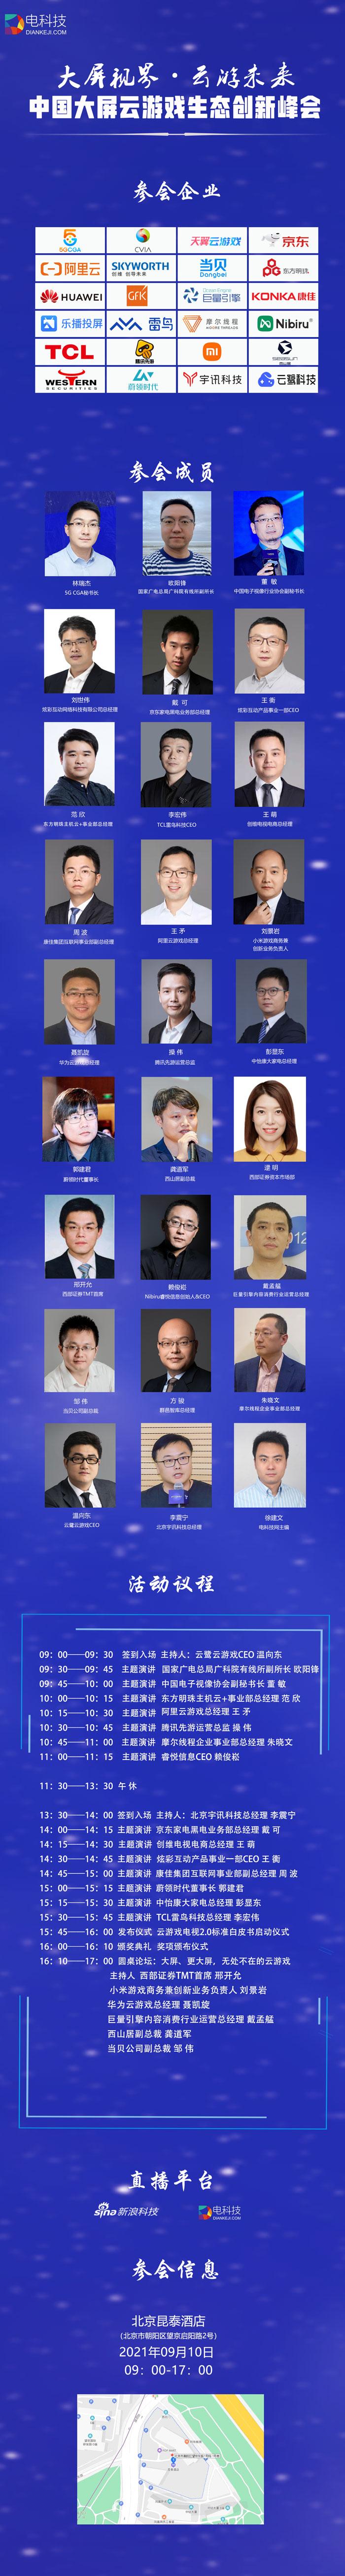 中國大屏云游戲峰會9月10日開幕,電科技邀您共同見證游戲大變革